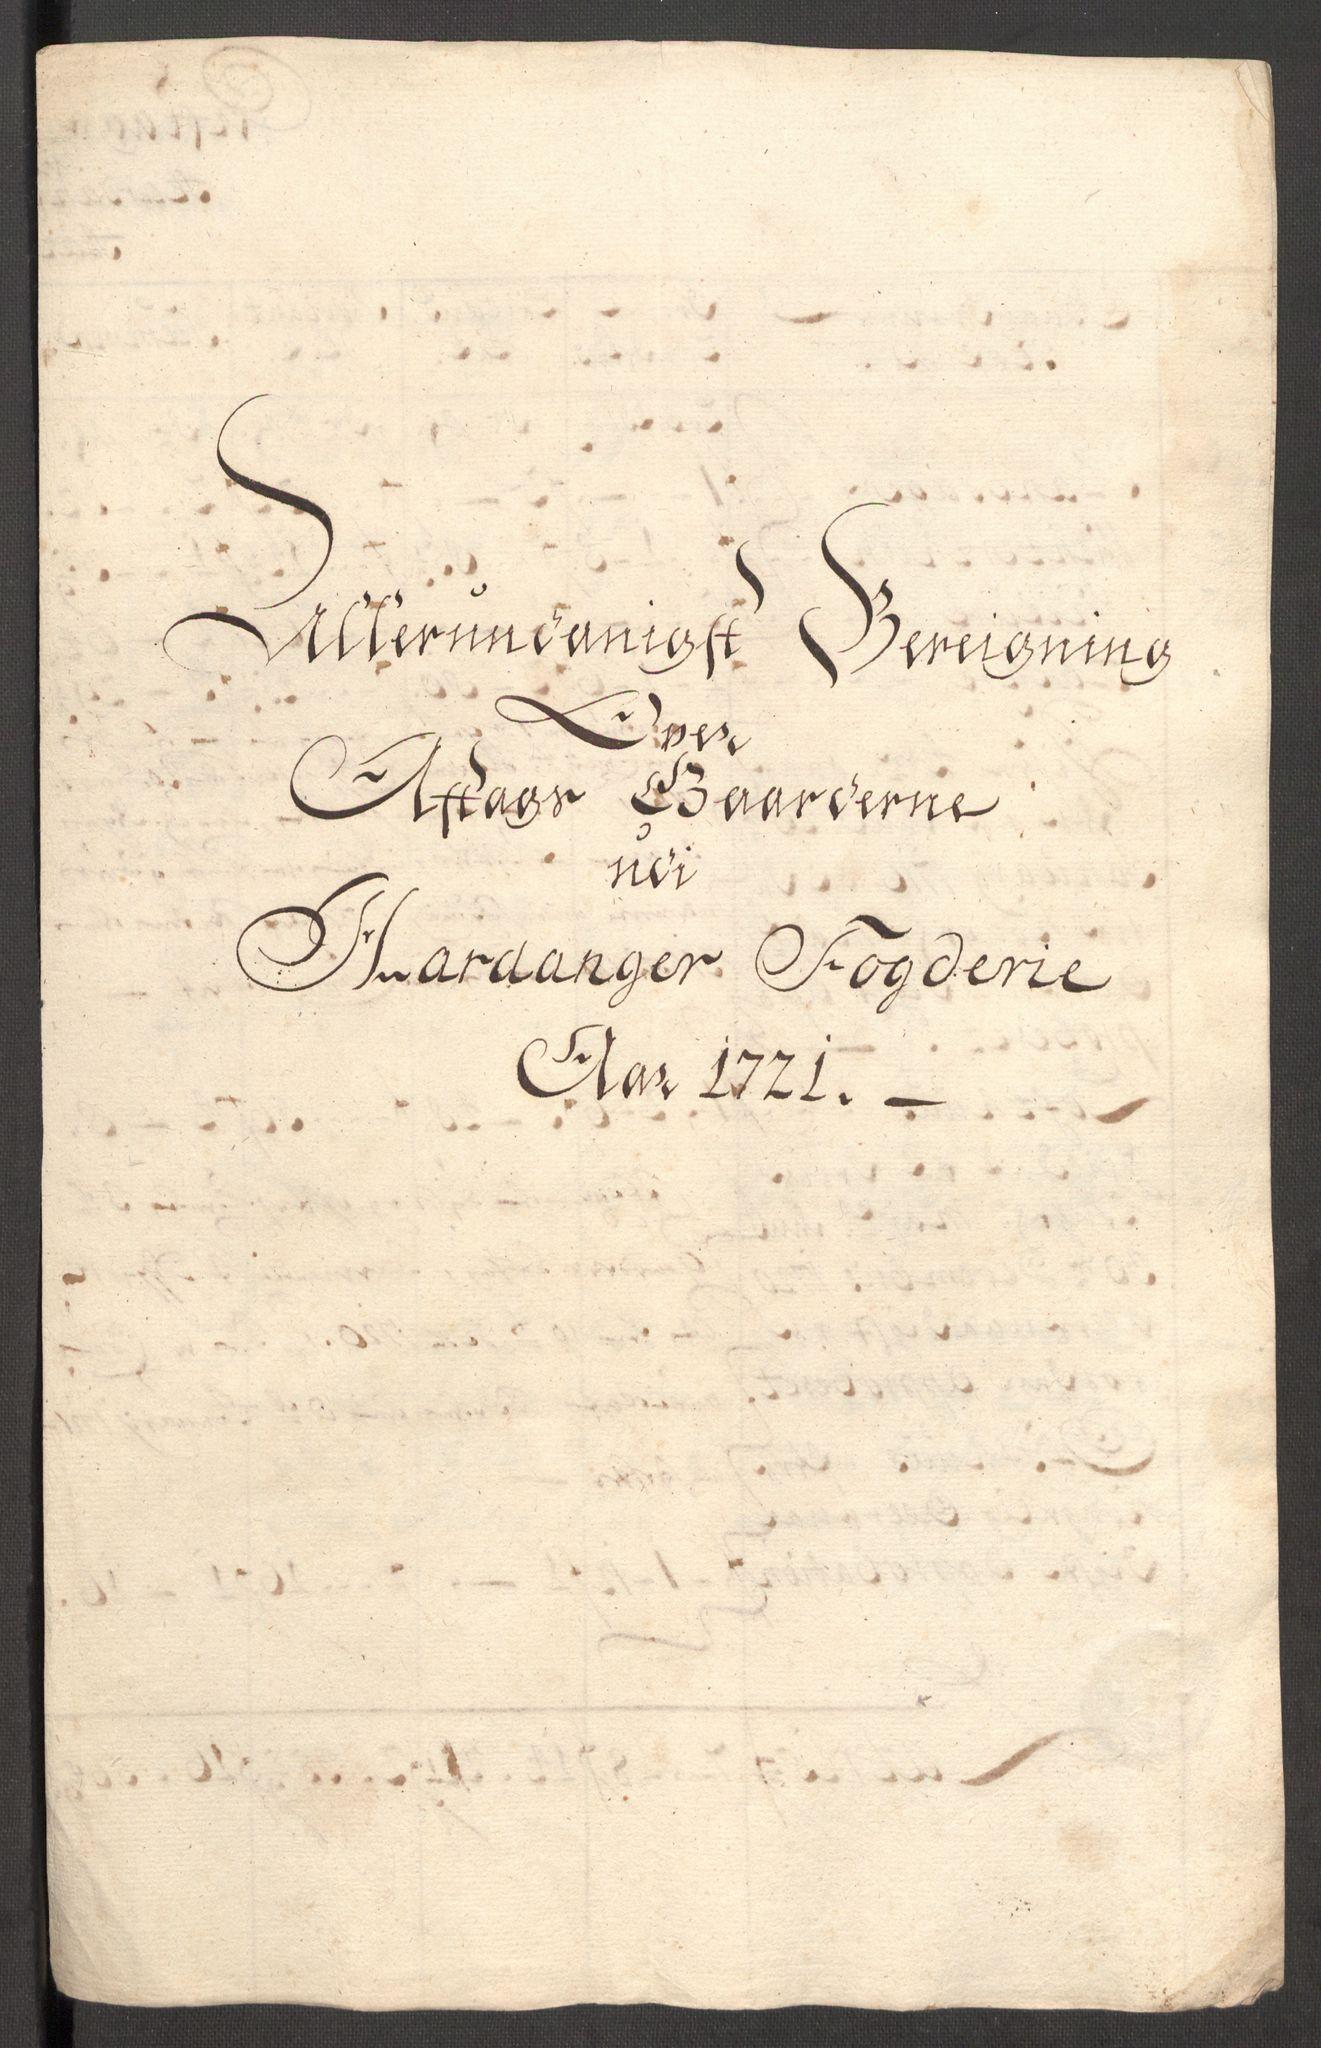 RA, Rentekammeret inntil 1814, Reviderte regnskaper, Fogderegnskap, R48/L3000: Fogderegnskap Sunnhordland og Hardanger, 1721, s. 388